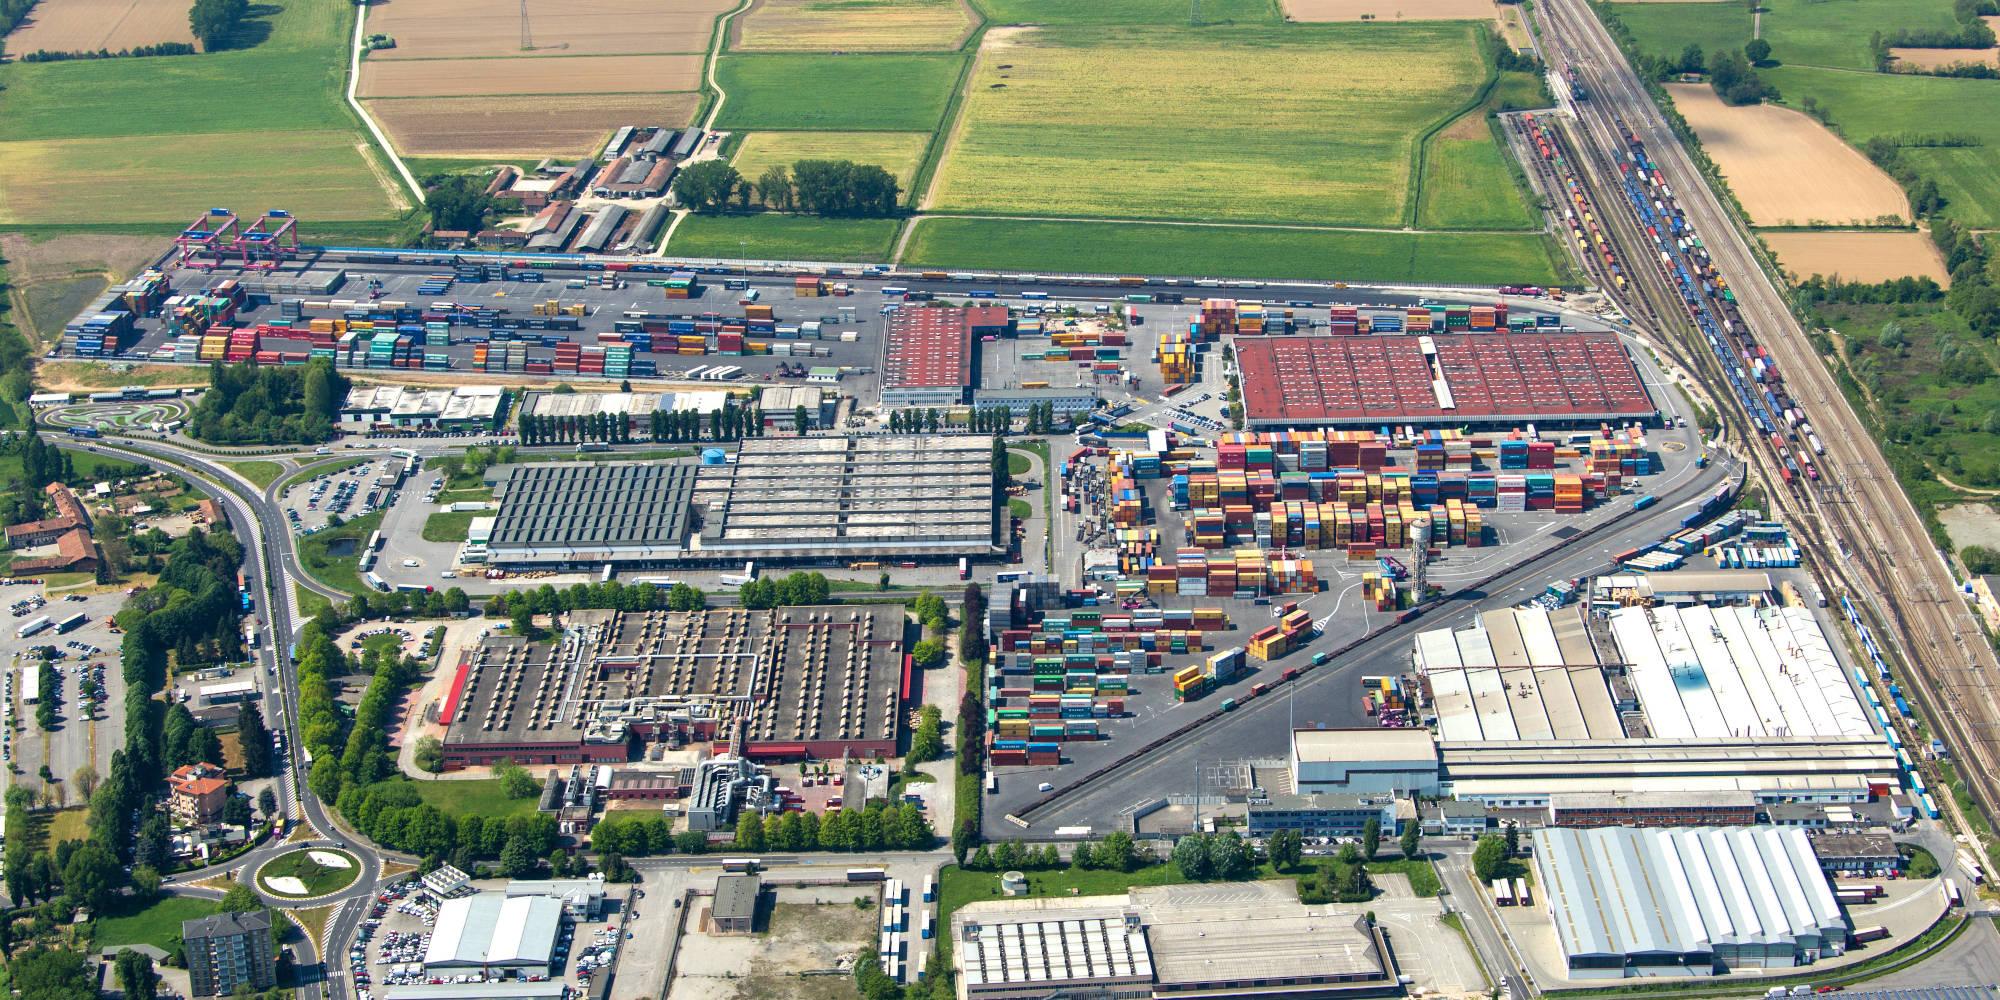 rail-hub-milano-the-center-of-contship-italia-intermodal-network